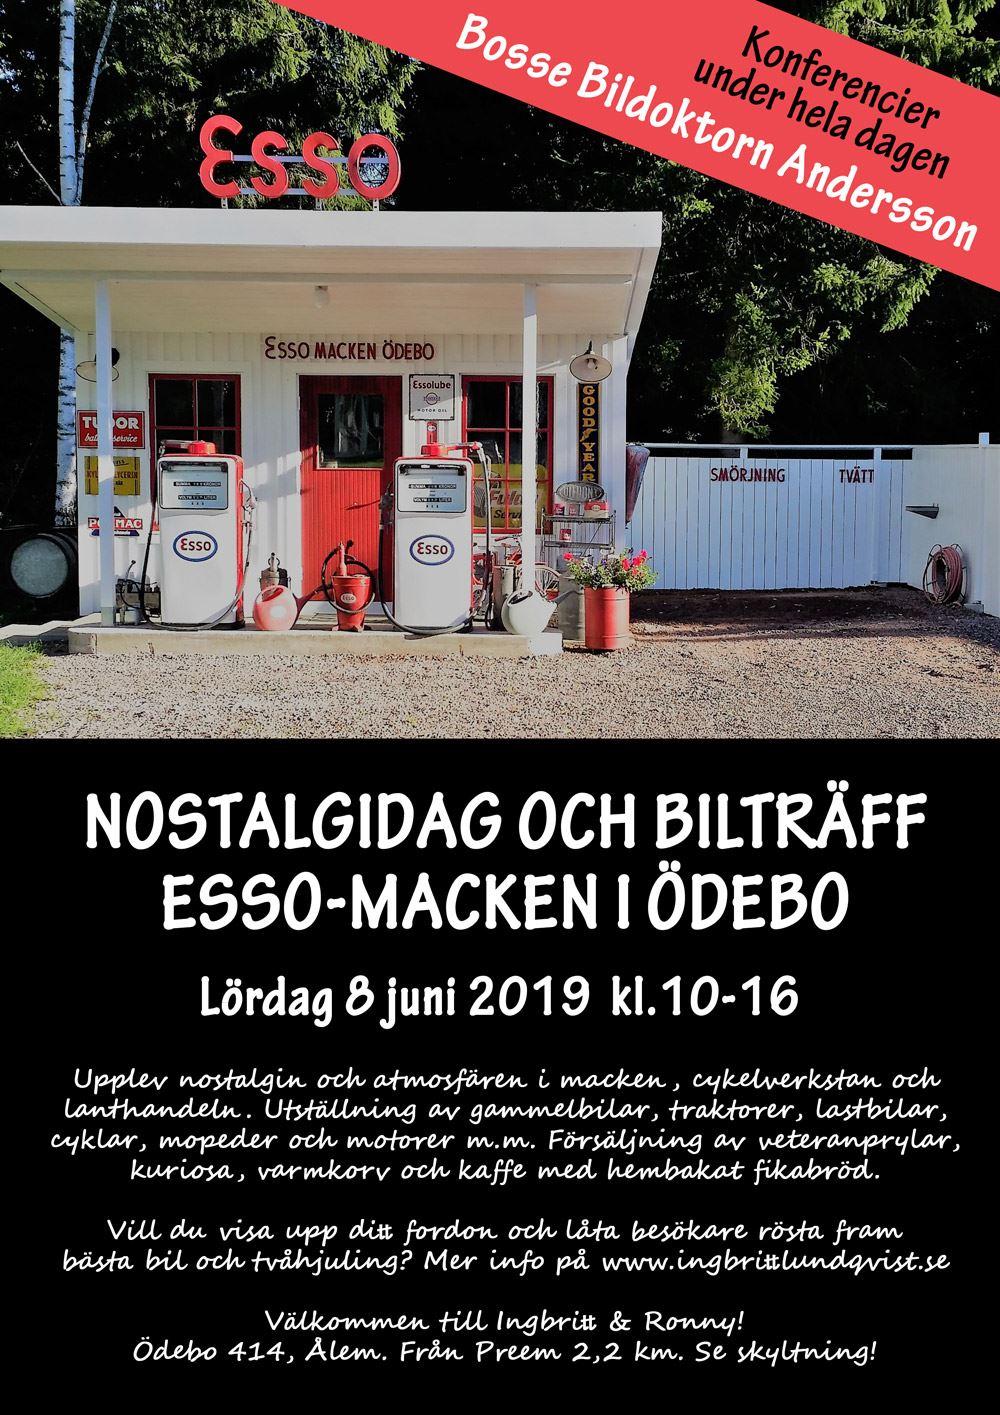 Nostalgidag och bilträff Esso-macken i Ödebo